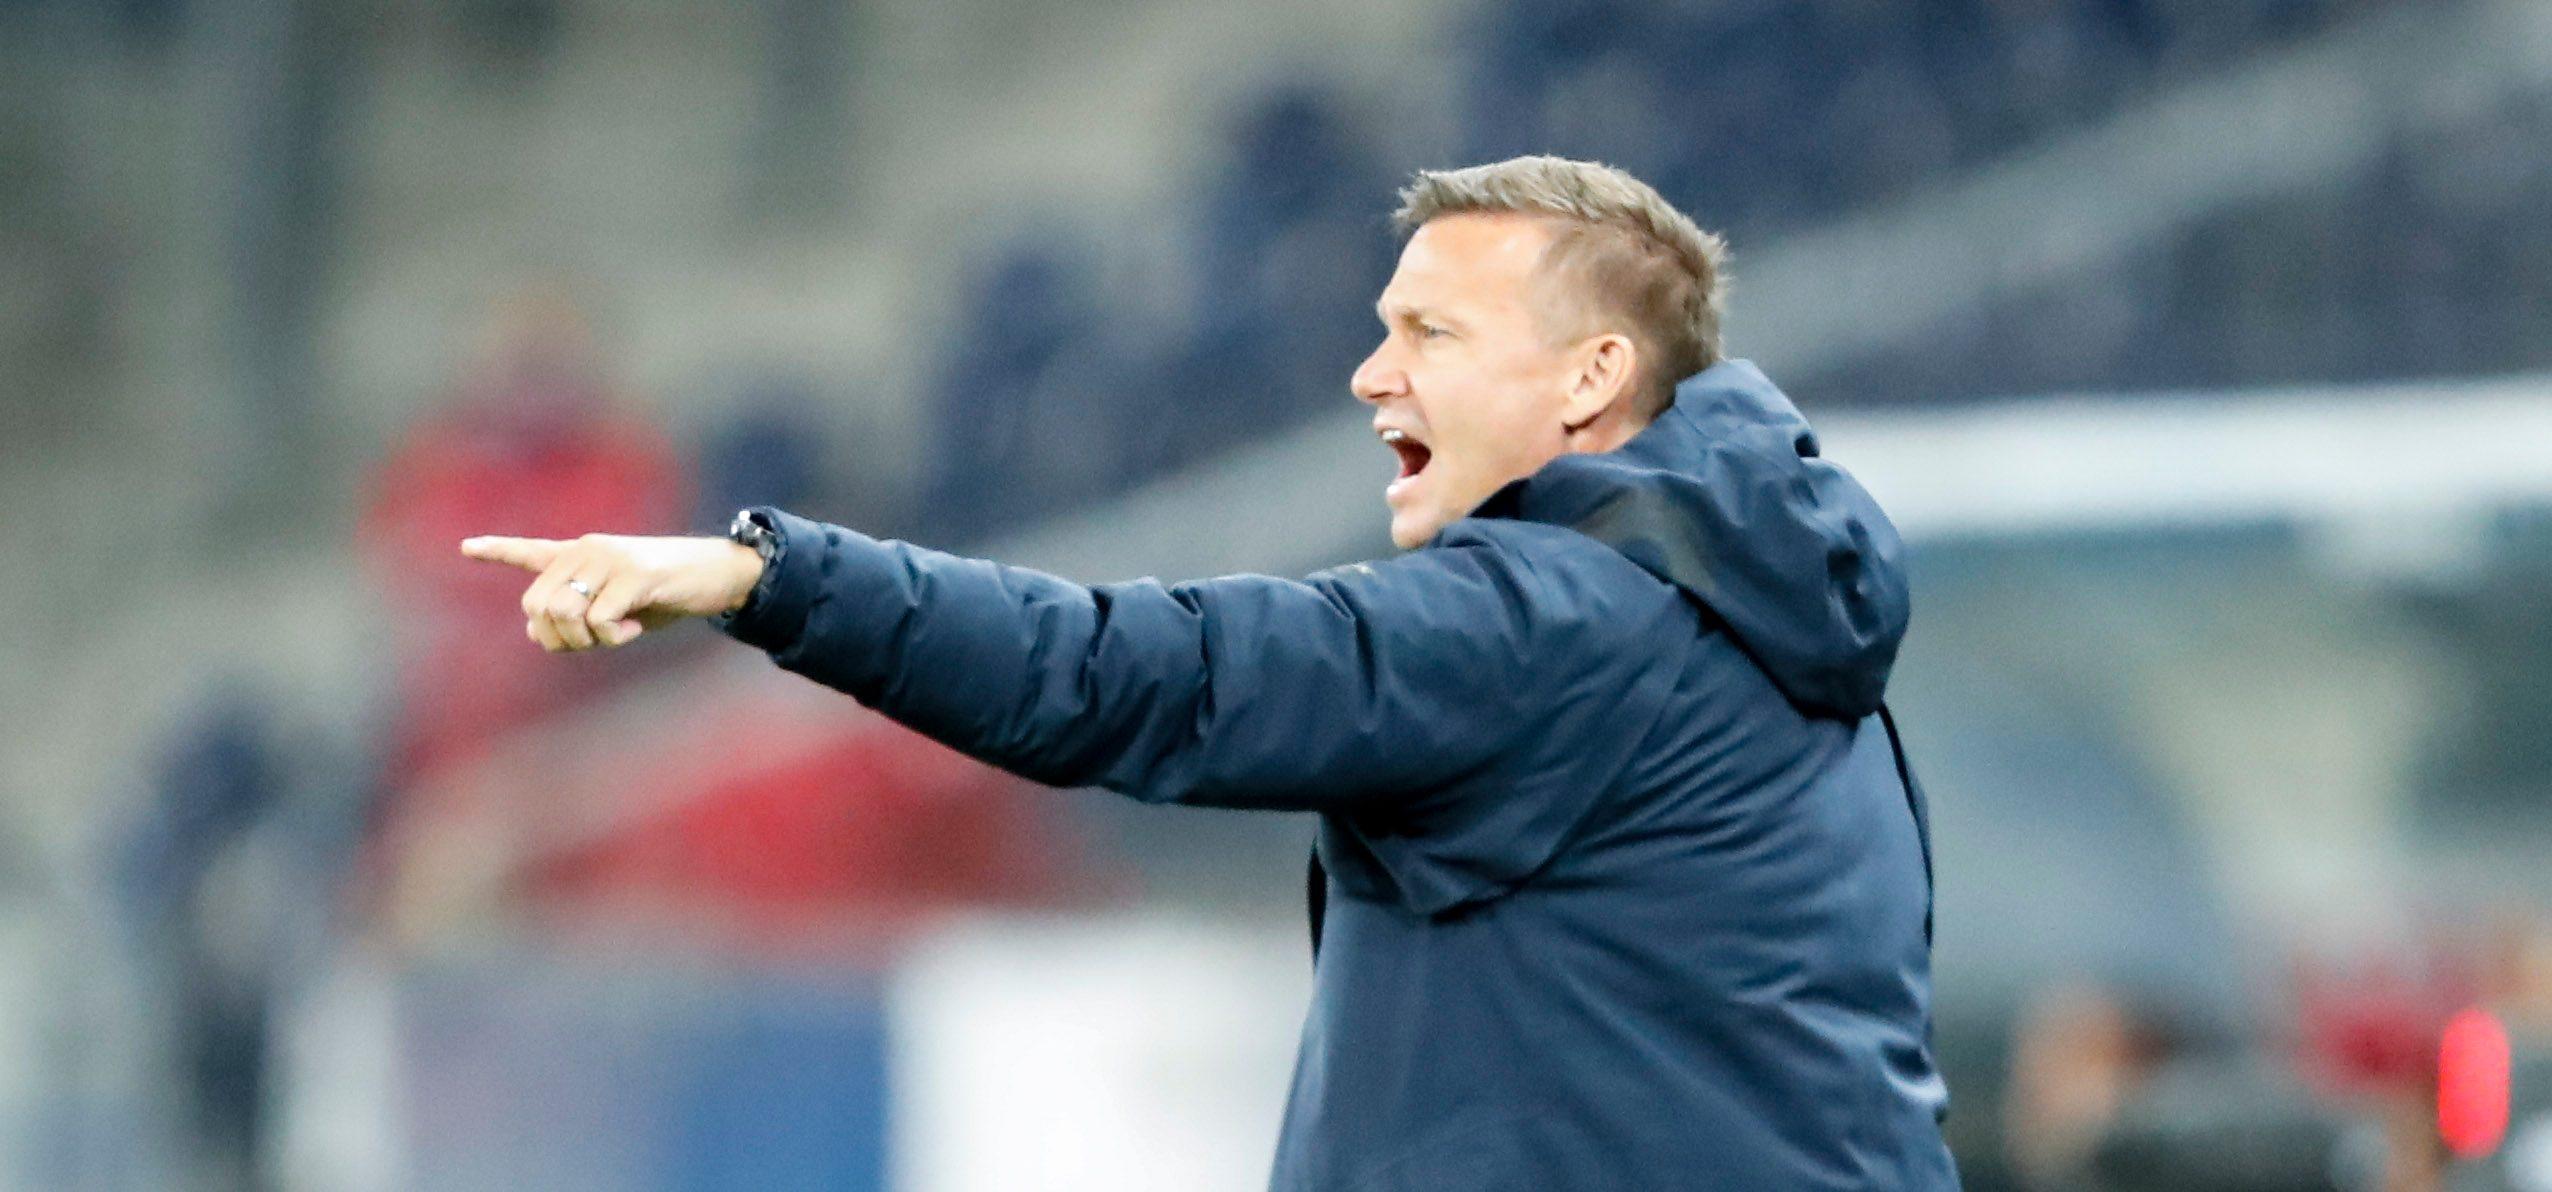 """Fußball: Glanzlos, aber erleichtert – Salzburg bricht den """"Quali-Fluch"""""""